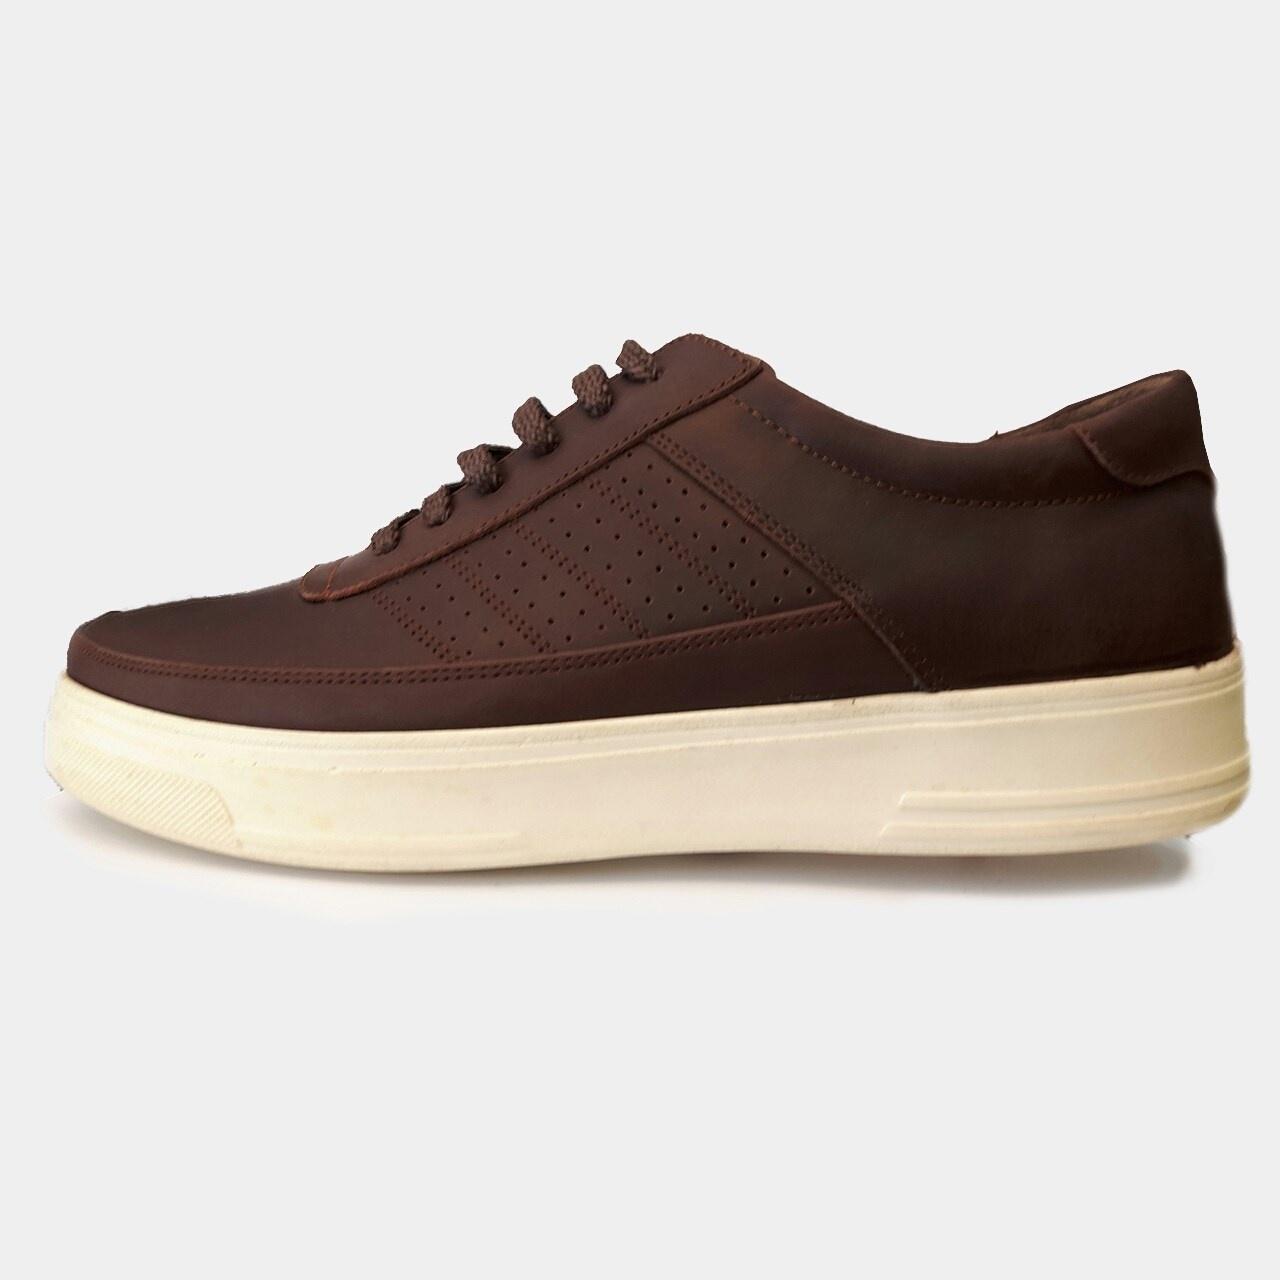 کفش مردانه آفاق مدل 535 بندی